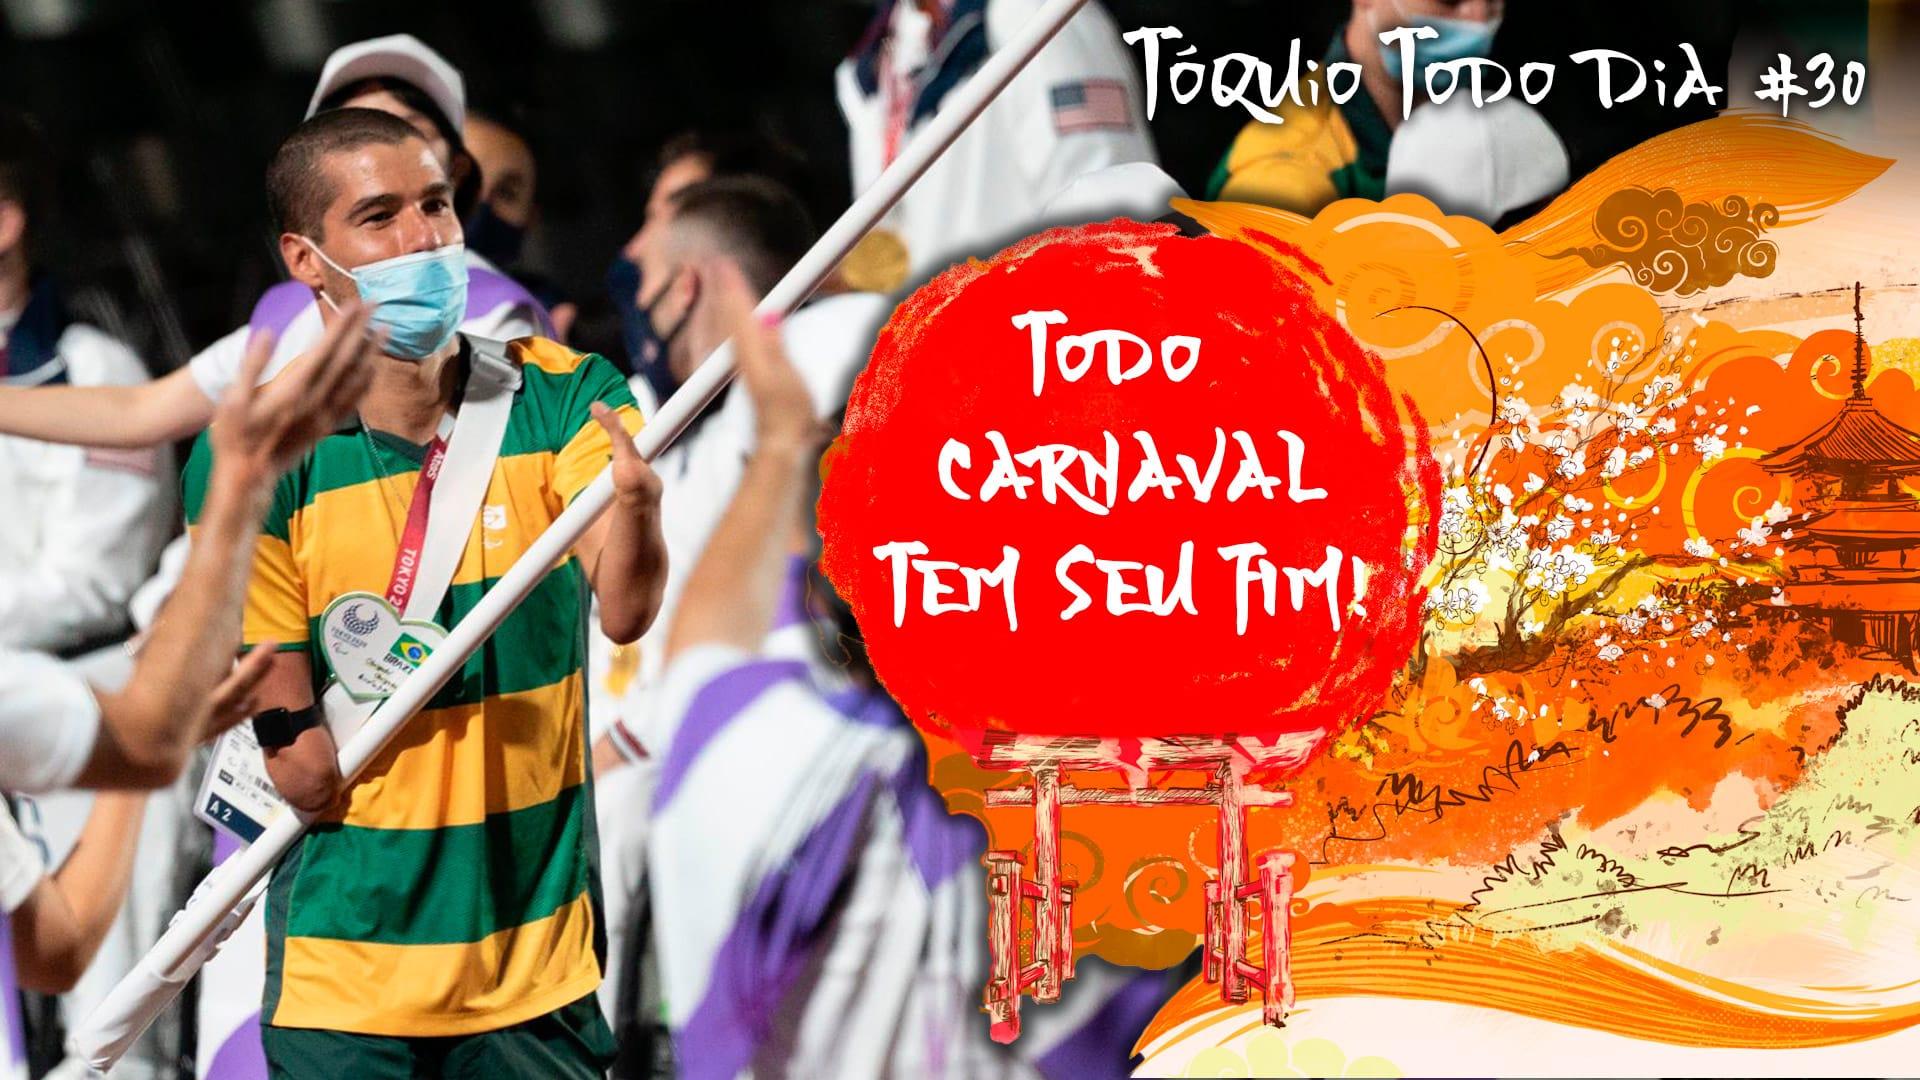 resumo da participação do Brasil nos jogos paralímpicos de tóquio